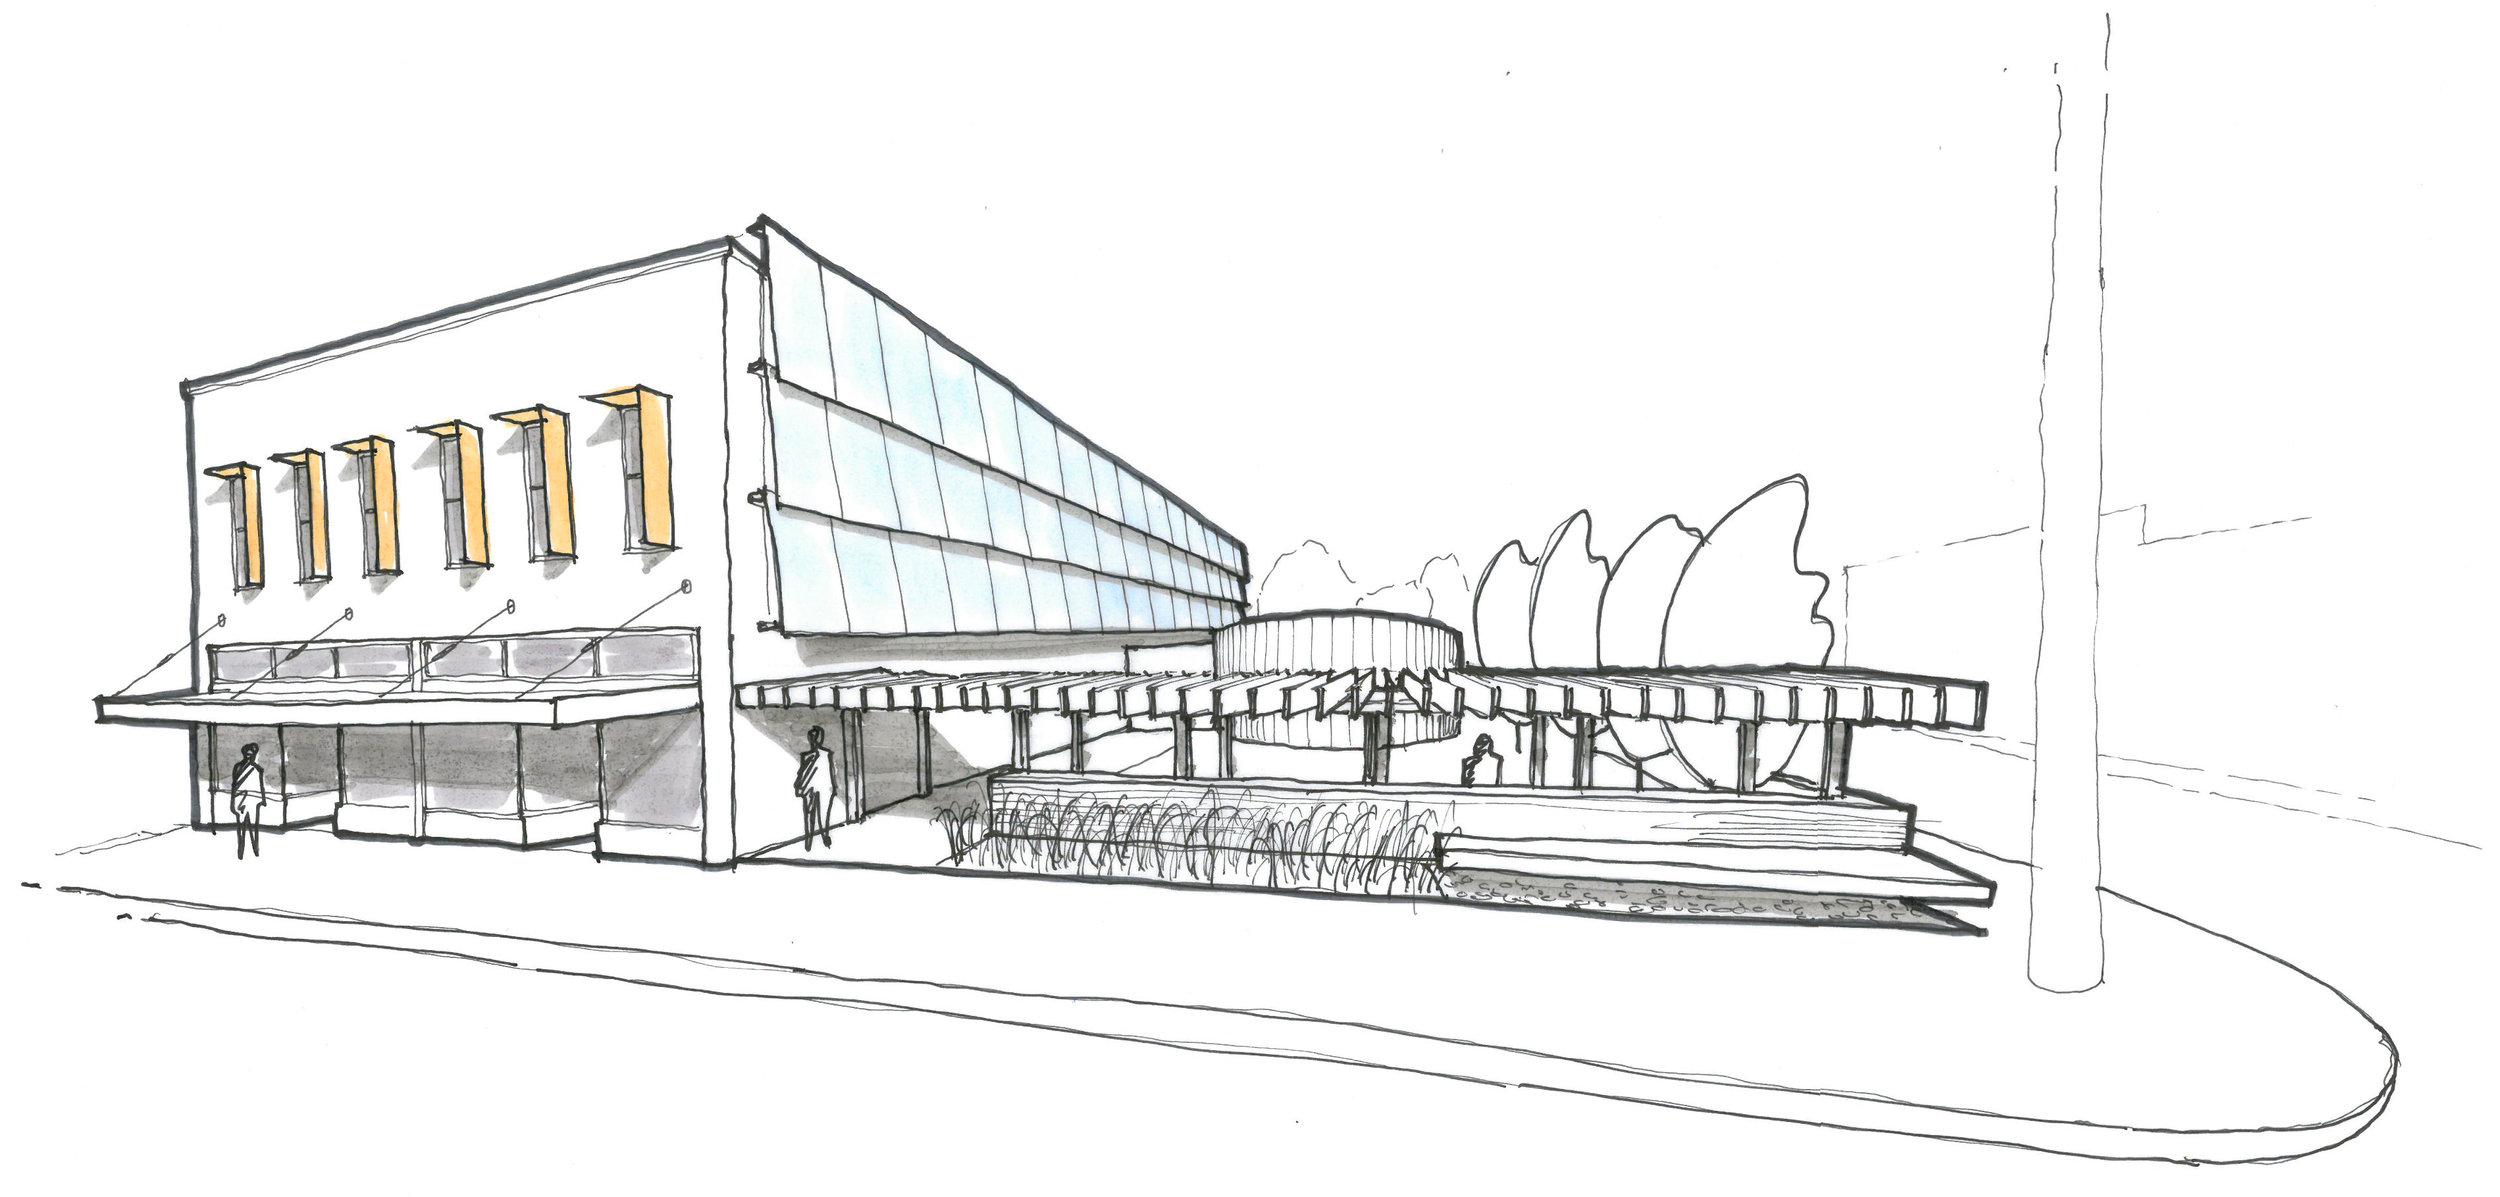 retail building sketch